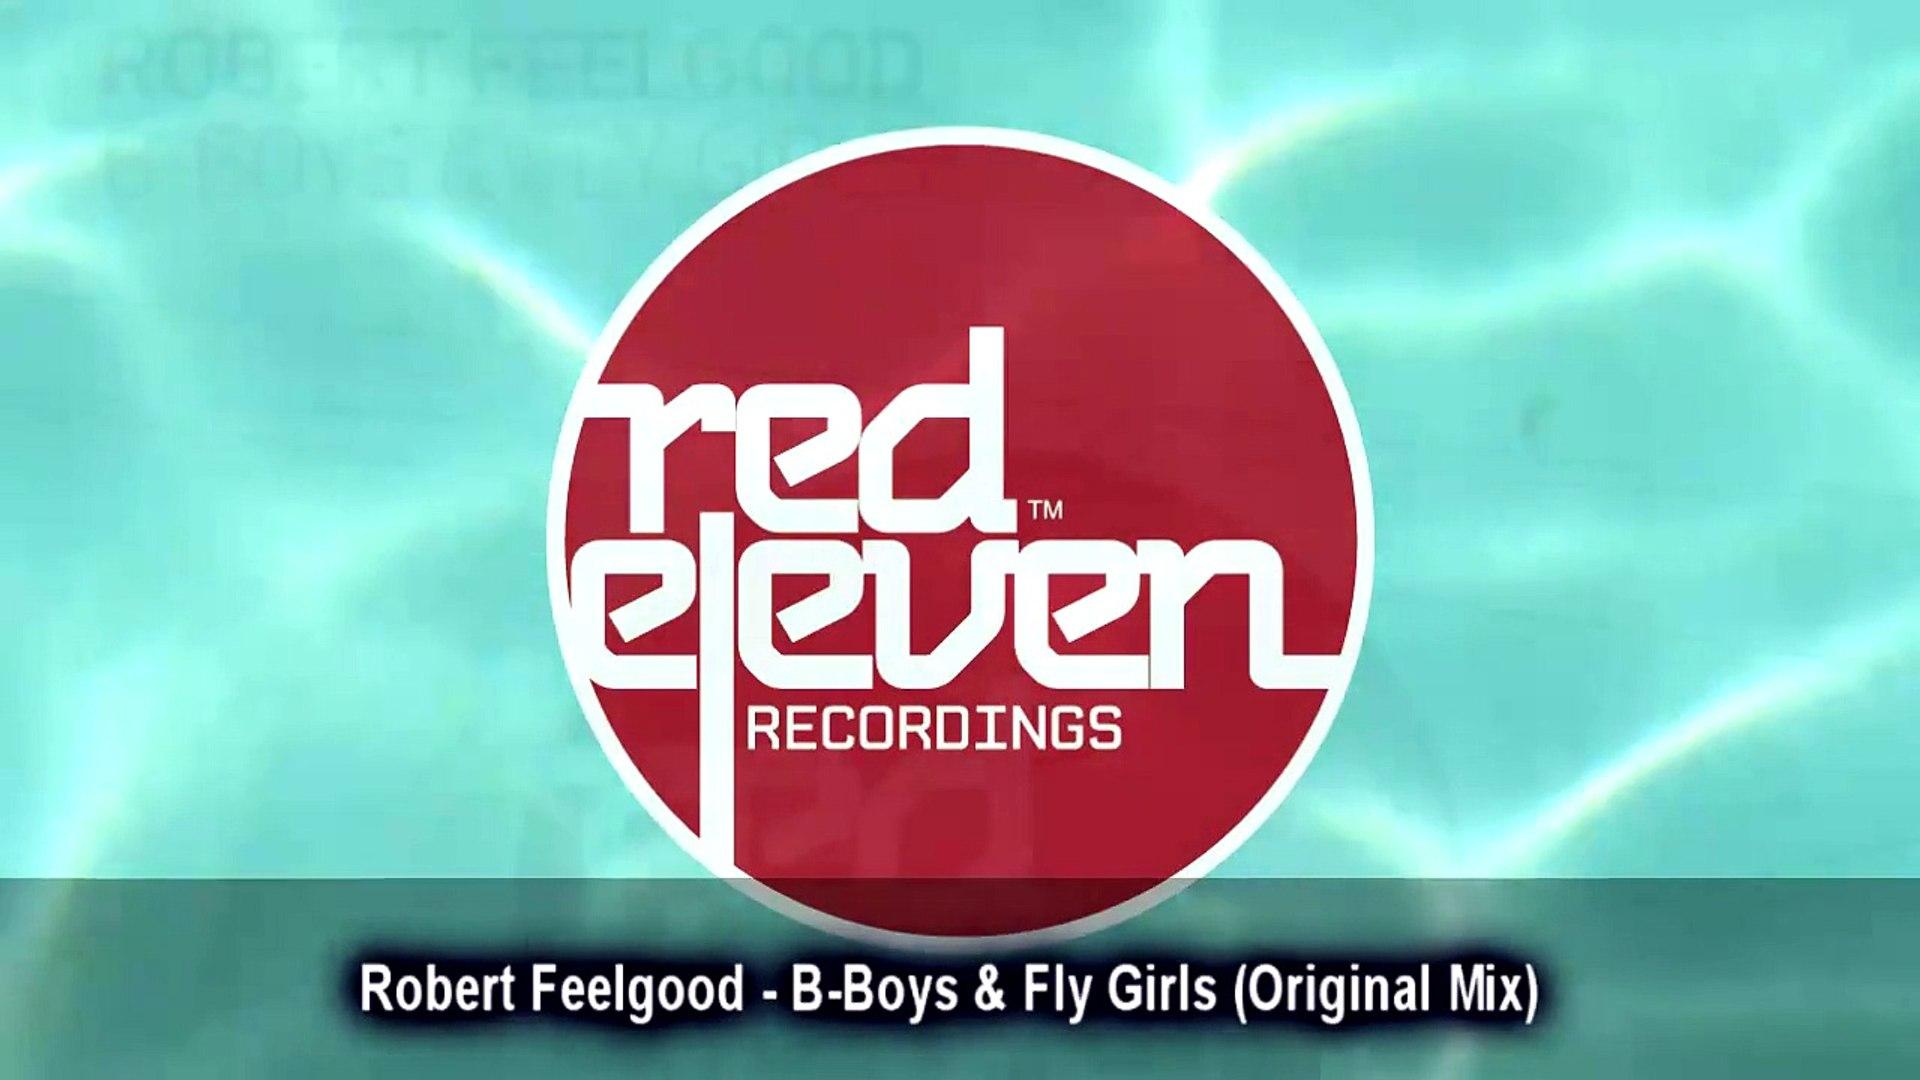 Robert Feelgood - B-Boys & Fly Girls (Original Mix)